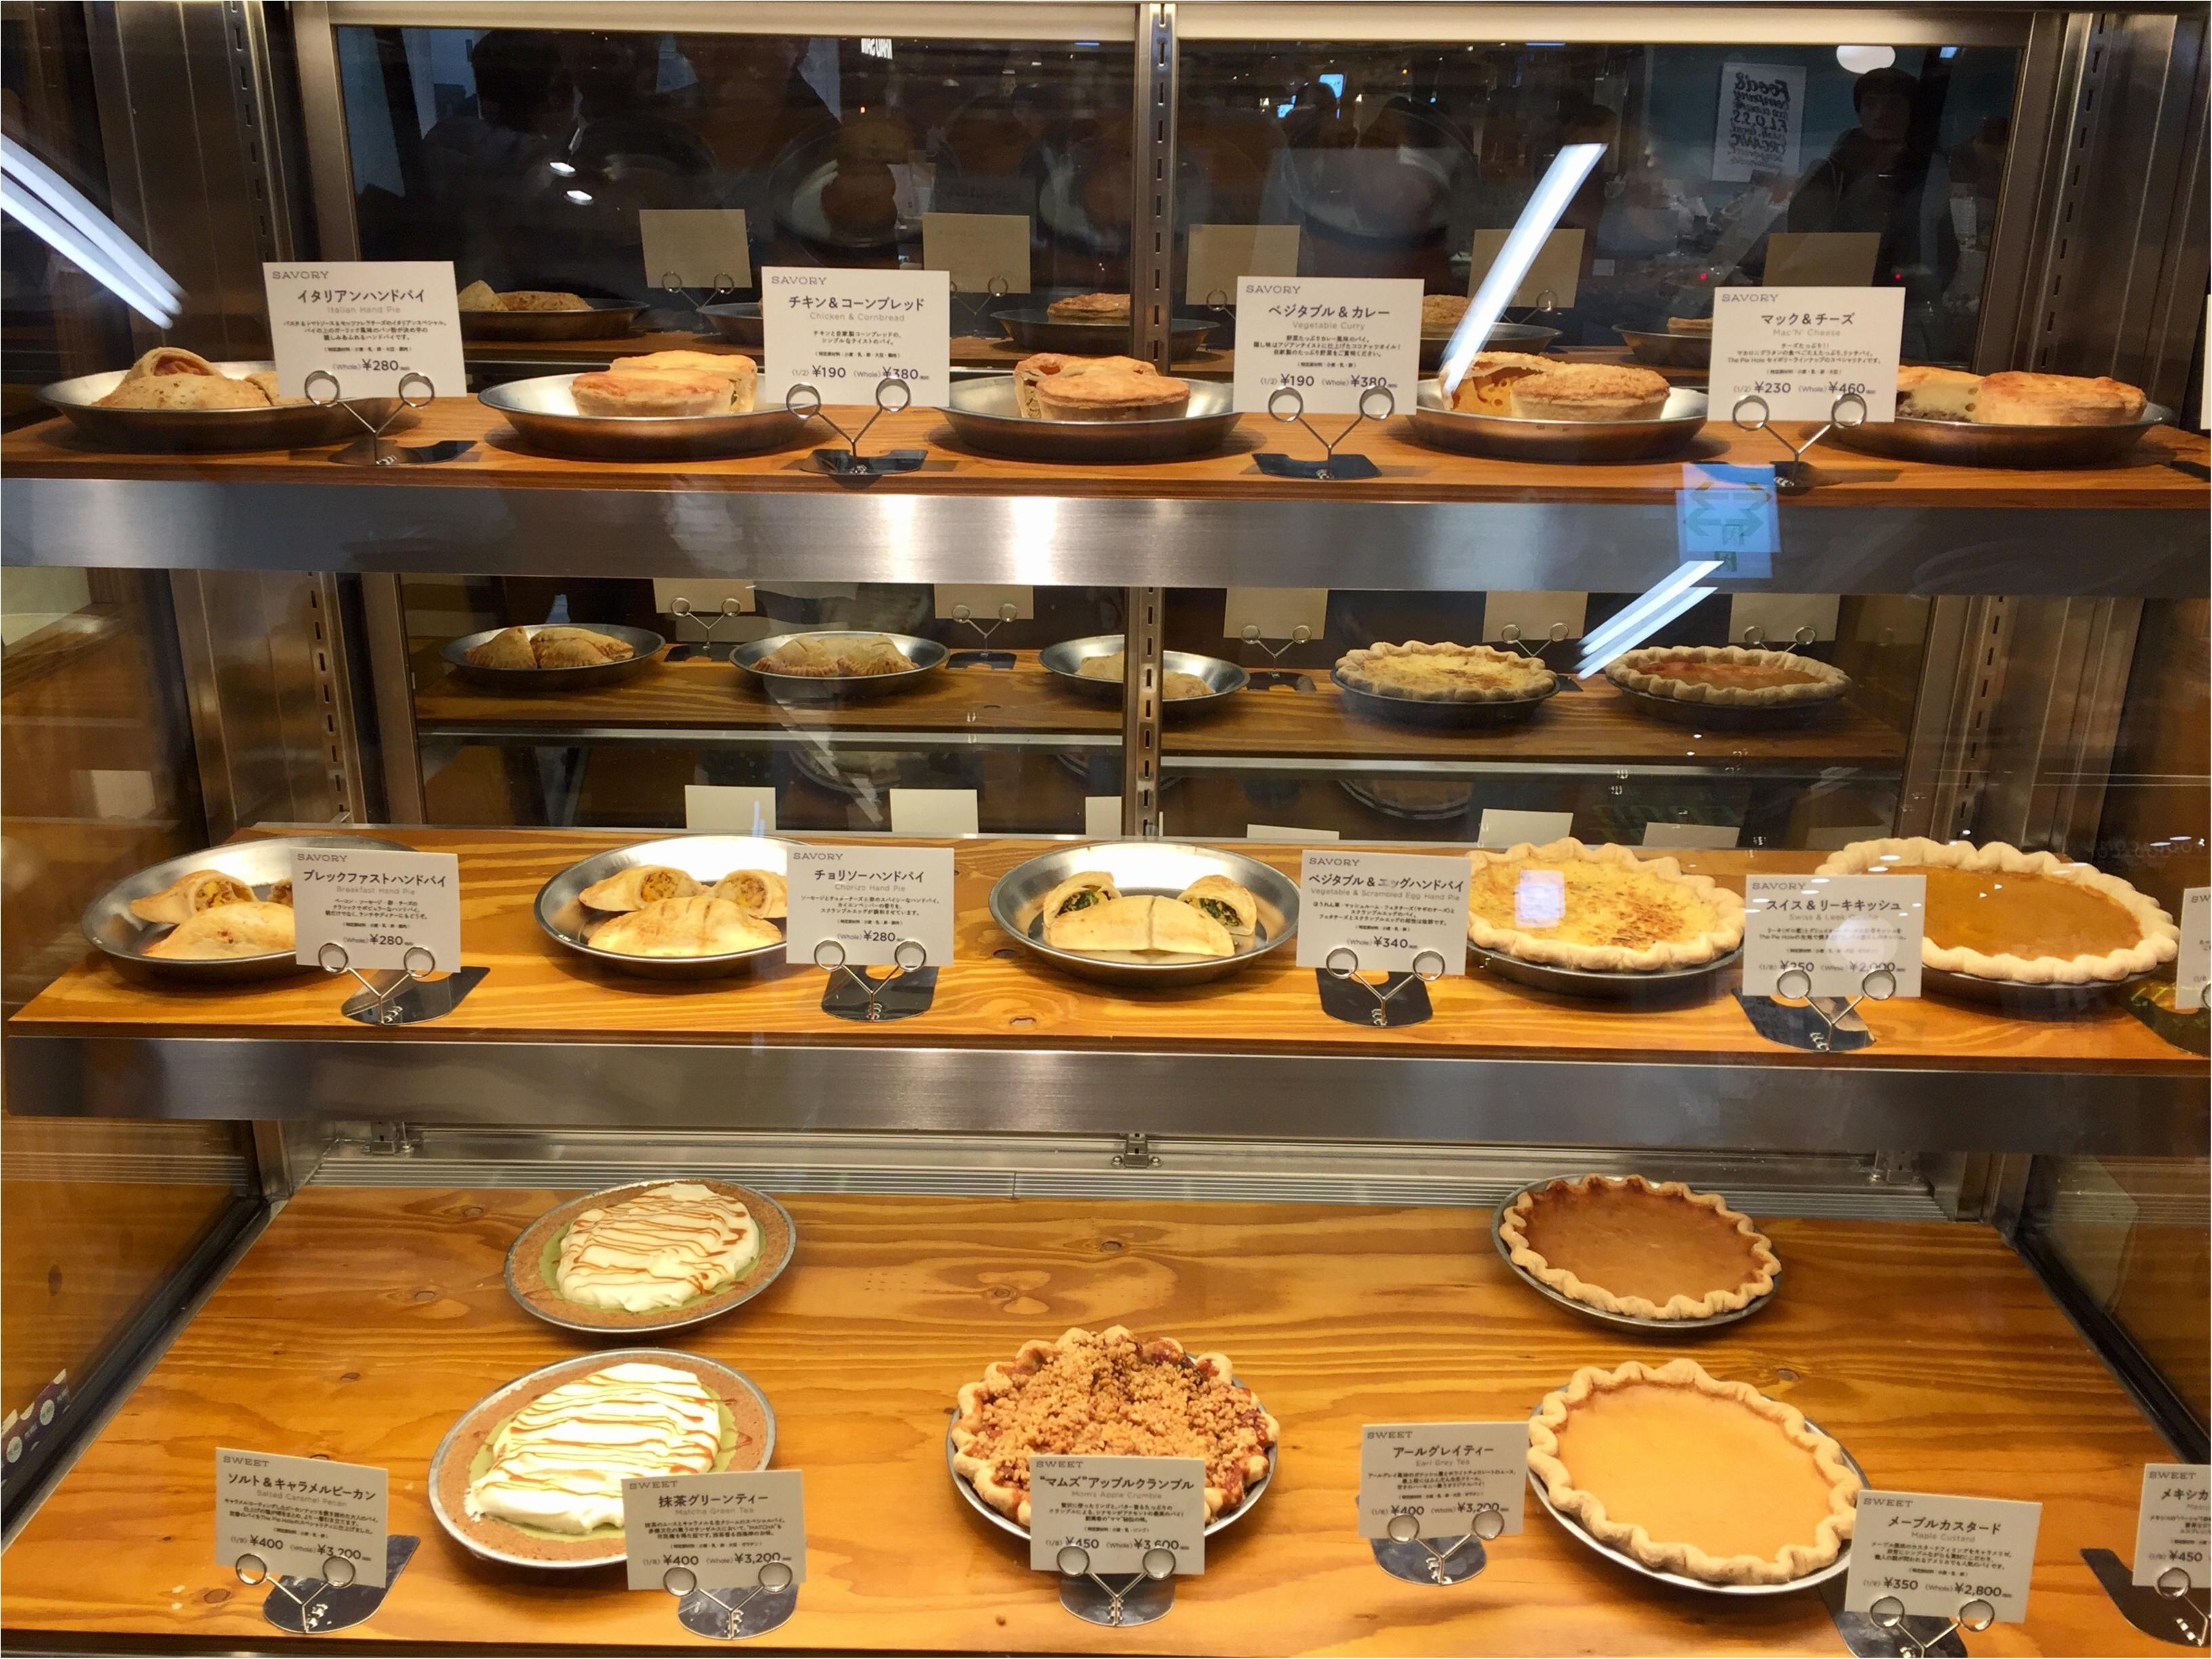 【FOOD】LA発!人気のPIE HOLEが日本上陸★噂のパイがうますぎる♡_4